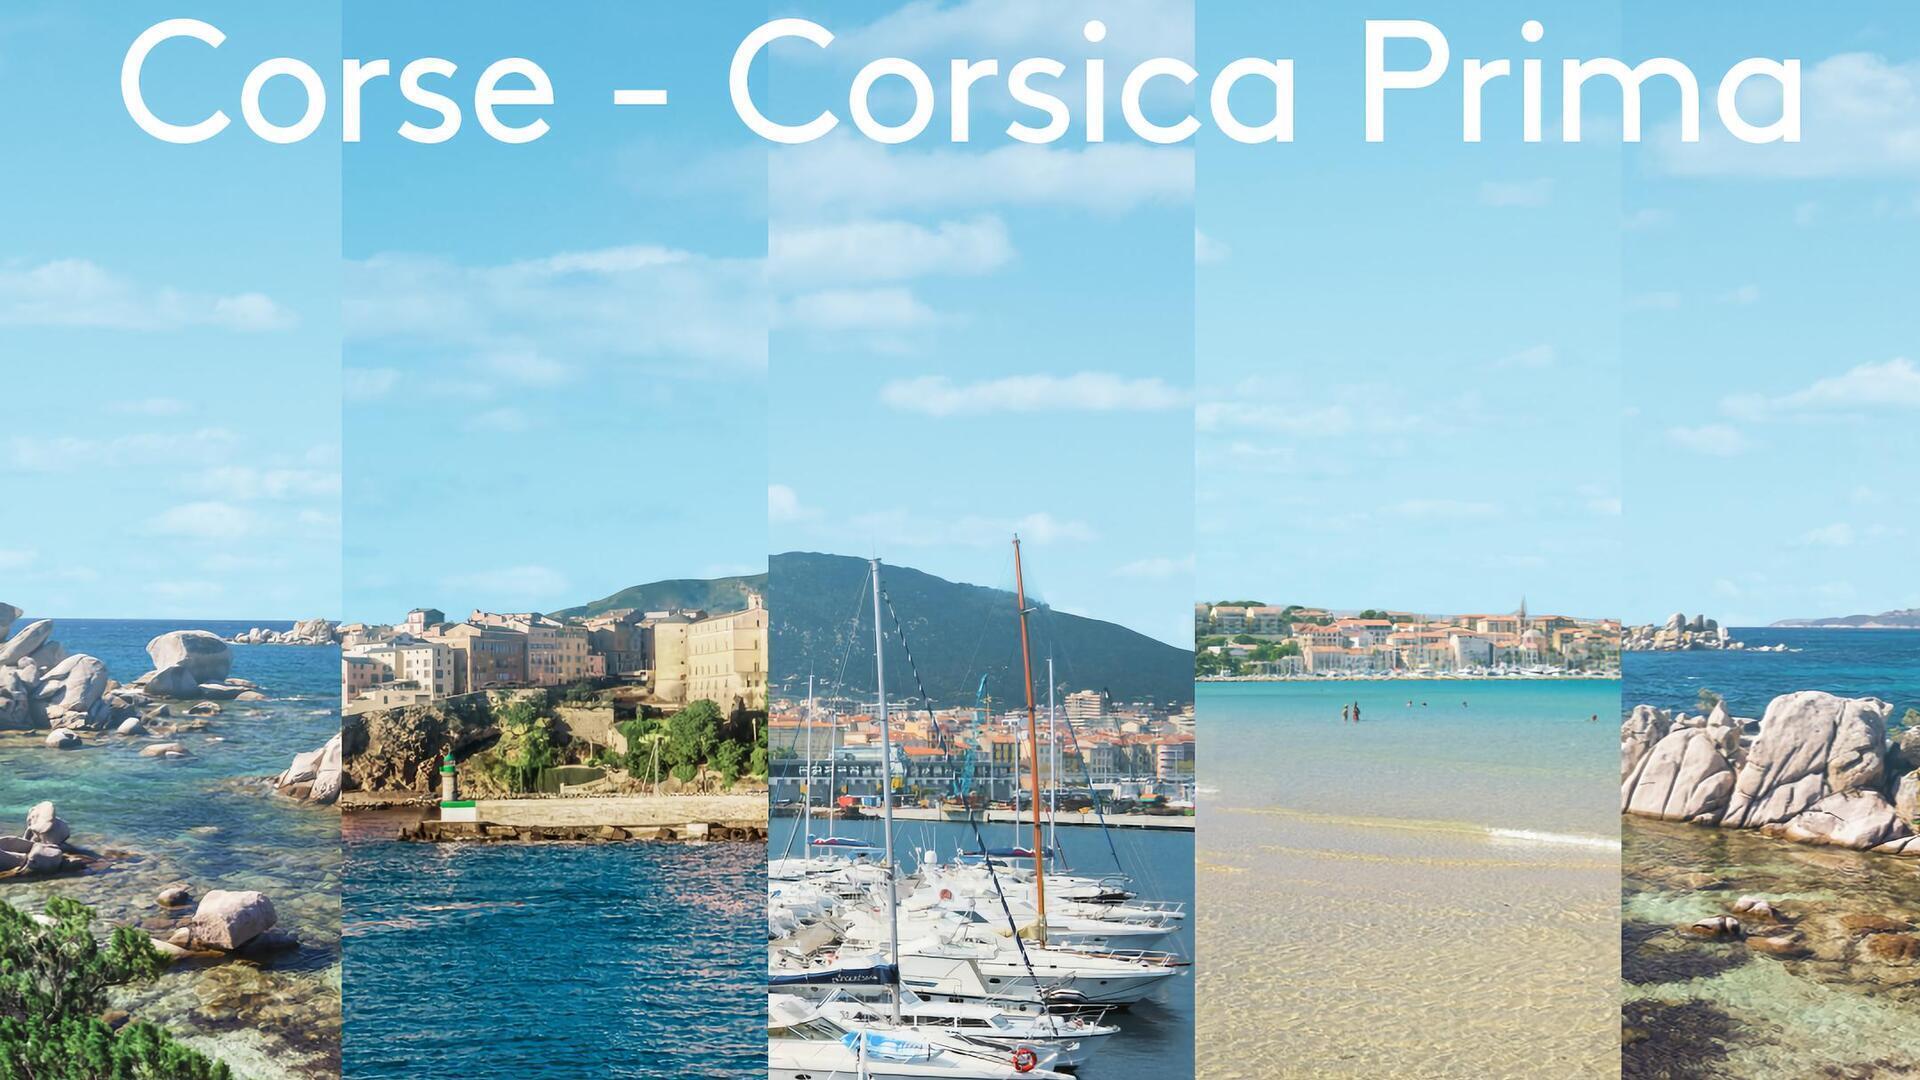 Corsica Prima